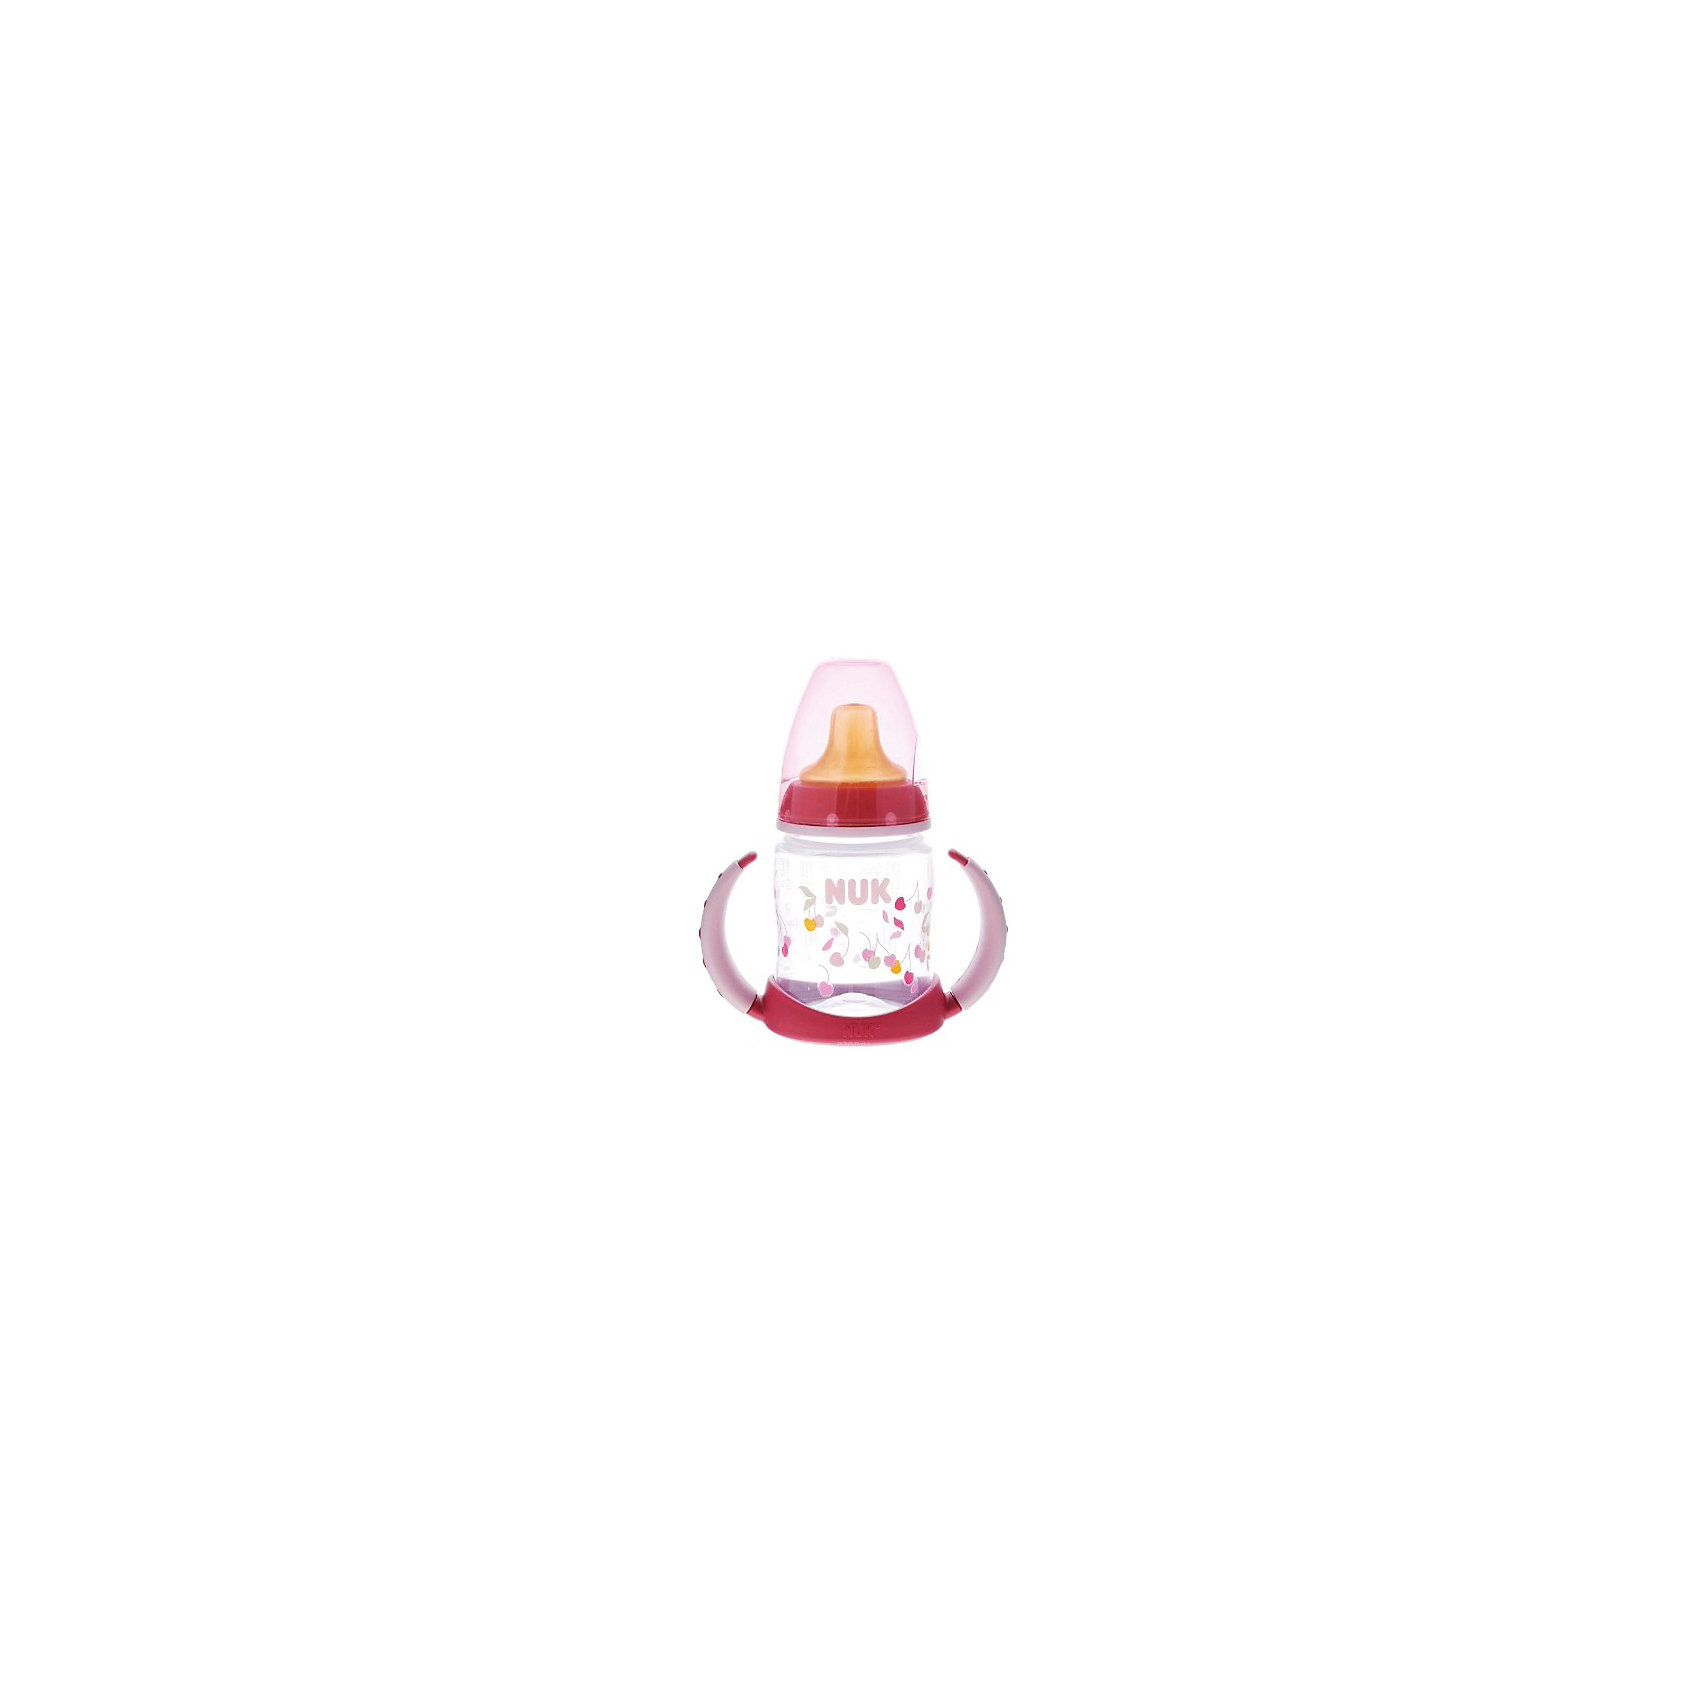 Бутылочка First Choice пласт. (ПП) 150 мл., NUK, зеленыйБутылочки и аксессуары<br>Бутылочка First Choice пласт. (ПП) 150 мл. от известного производителя высококачественных товаров для новорожденных NUK (Нук). Эта оригинальная бутылочка с латексной насадкой для питья идеально подходит деткам на смешанном питании. Удобные ручки понравятся малышу – за них очень удобно хвататься и они не скользят. Безопасные материалы и отсутствие в составе бутылочки и соски бисфенола А отвечают всем необходимым стандартам. Специальное строение соски позволяет адаптироваться под ротик малыша и оставляют место для языка. Отверстие для воздуха предотвращает заглатывание воздуха вместе с сосанием и снижает риск возникновения колик у крохи. Удобный колпачок бутылочки сохранит гигиену бутылочки и позволяет брать бутылочку с собой, а закупоривающее кольцо позволит бутылочке быть закрытой даже без колпачка. К бутылочки подходят любые соски из серии NUK First Choice.<br><br>Дополнительная информация:<br><br>- Материал: латекс, пластик<br>- Объем: 150 мл. <br><br>Бутылочку First Choice пласт. (ПП) 150 мл., NUK (Нук) можно купить в нашем интернет-магазине.<br>Подробнее:<br>• Для детей в возрасте: от 6  месяцев<br>• Номер товара: 4998398<br>Страна производитель: Германия<br><br>Ширина мм: 120<br>Глубина мм: 65<br>Высота мм: 185<br>Вес г: 133<br>Возраст от месяцев: -2147483648<br>Возраст до месяцев: 2147483647<br>Пол: Унисекс<br>Возраст: Детский<br>SKU: 4998398